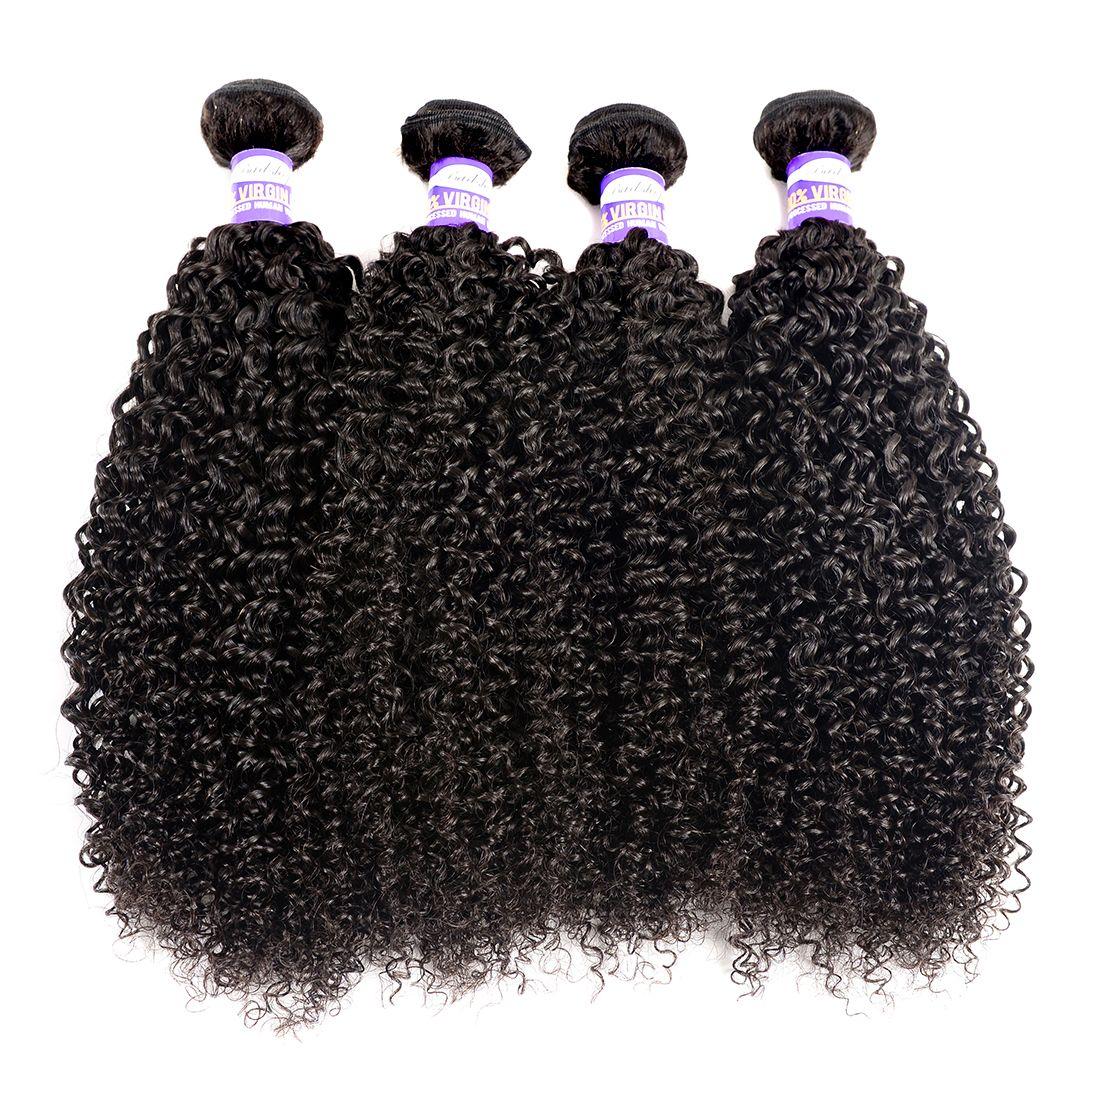 9A Brasilianisches menschliches Haar verworrene lockige jungfräuliches Haar 3 4 Bündel kinky lockige menschliche Haarverlängerungen